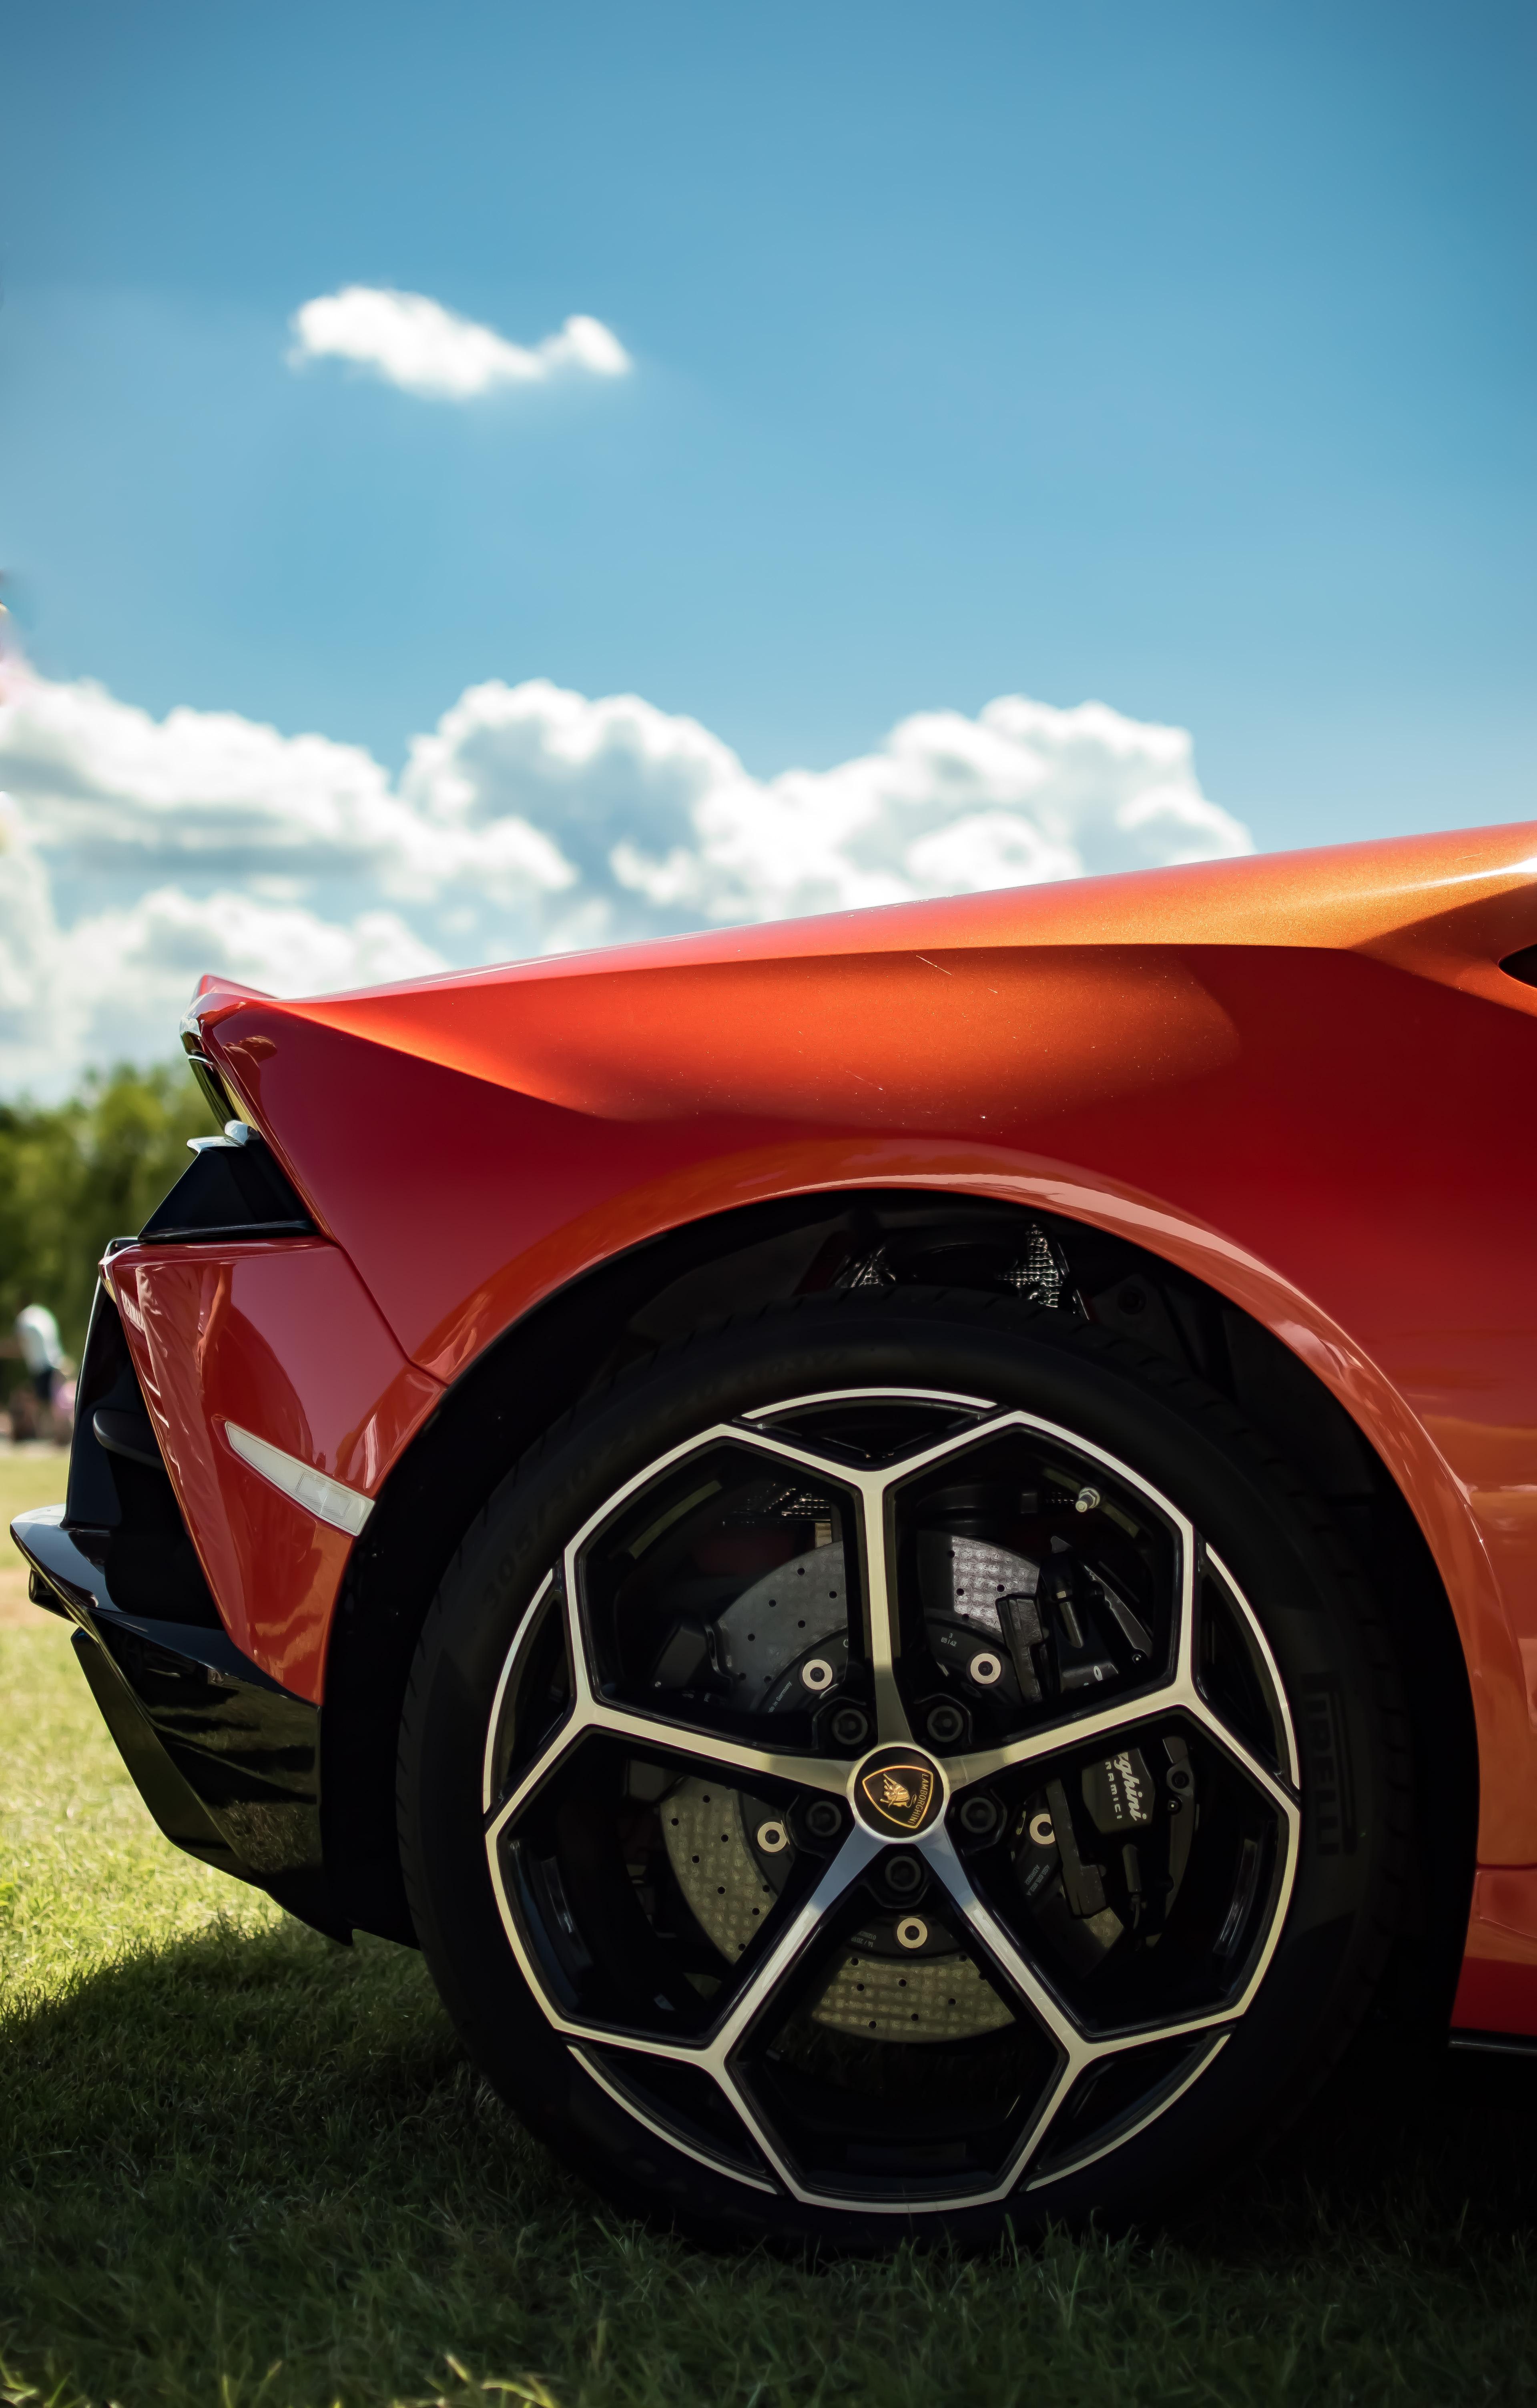 Free Images Land Vehicle Alloy Wheel Automotive Design